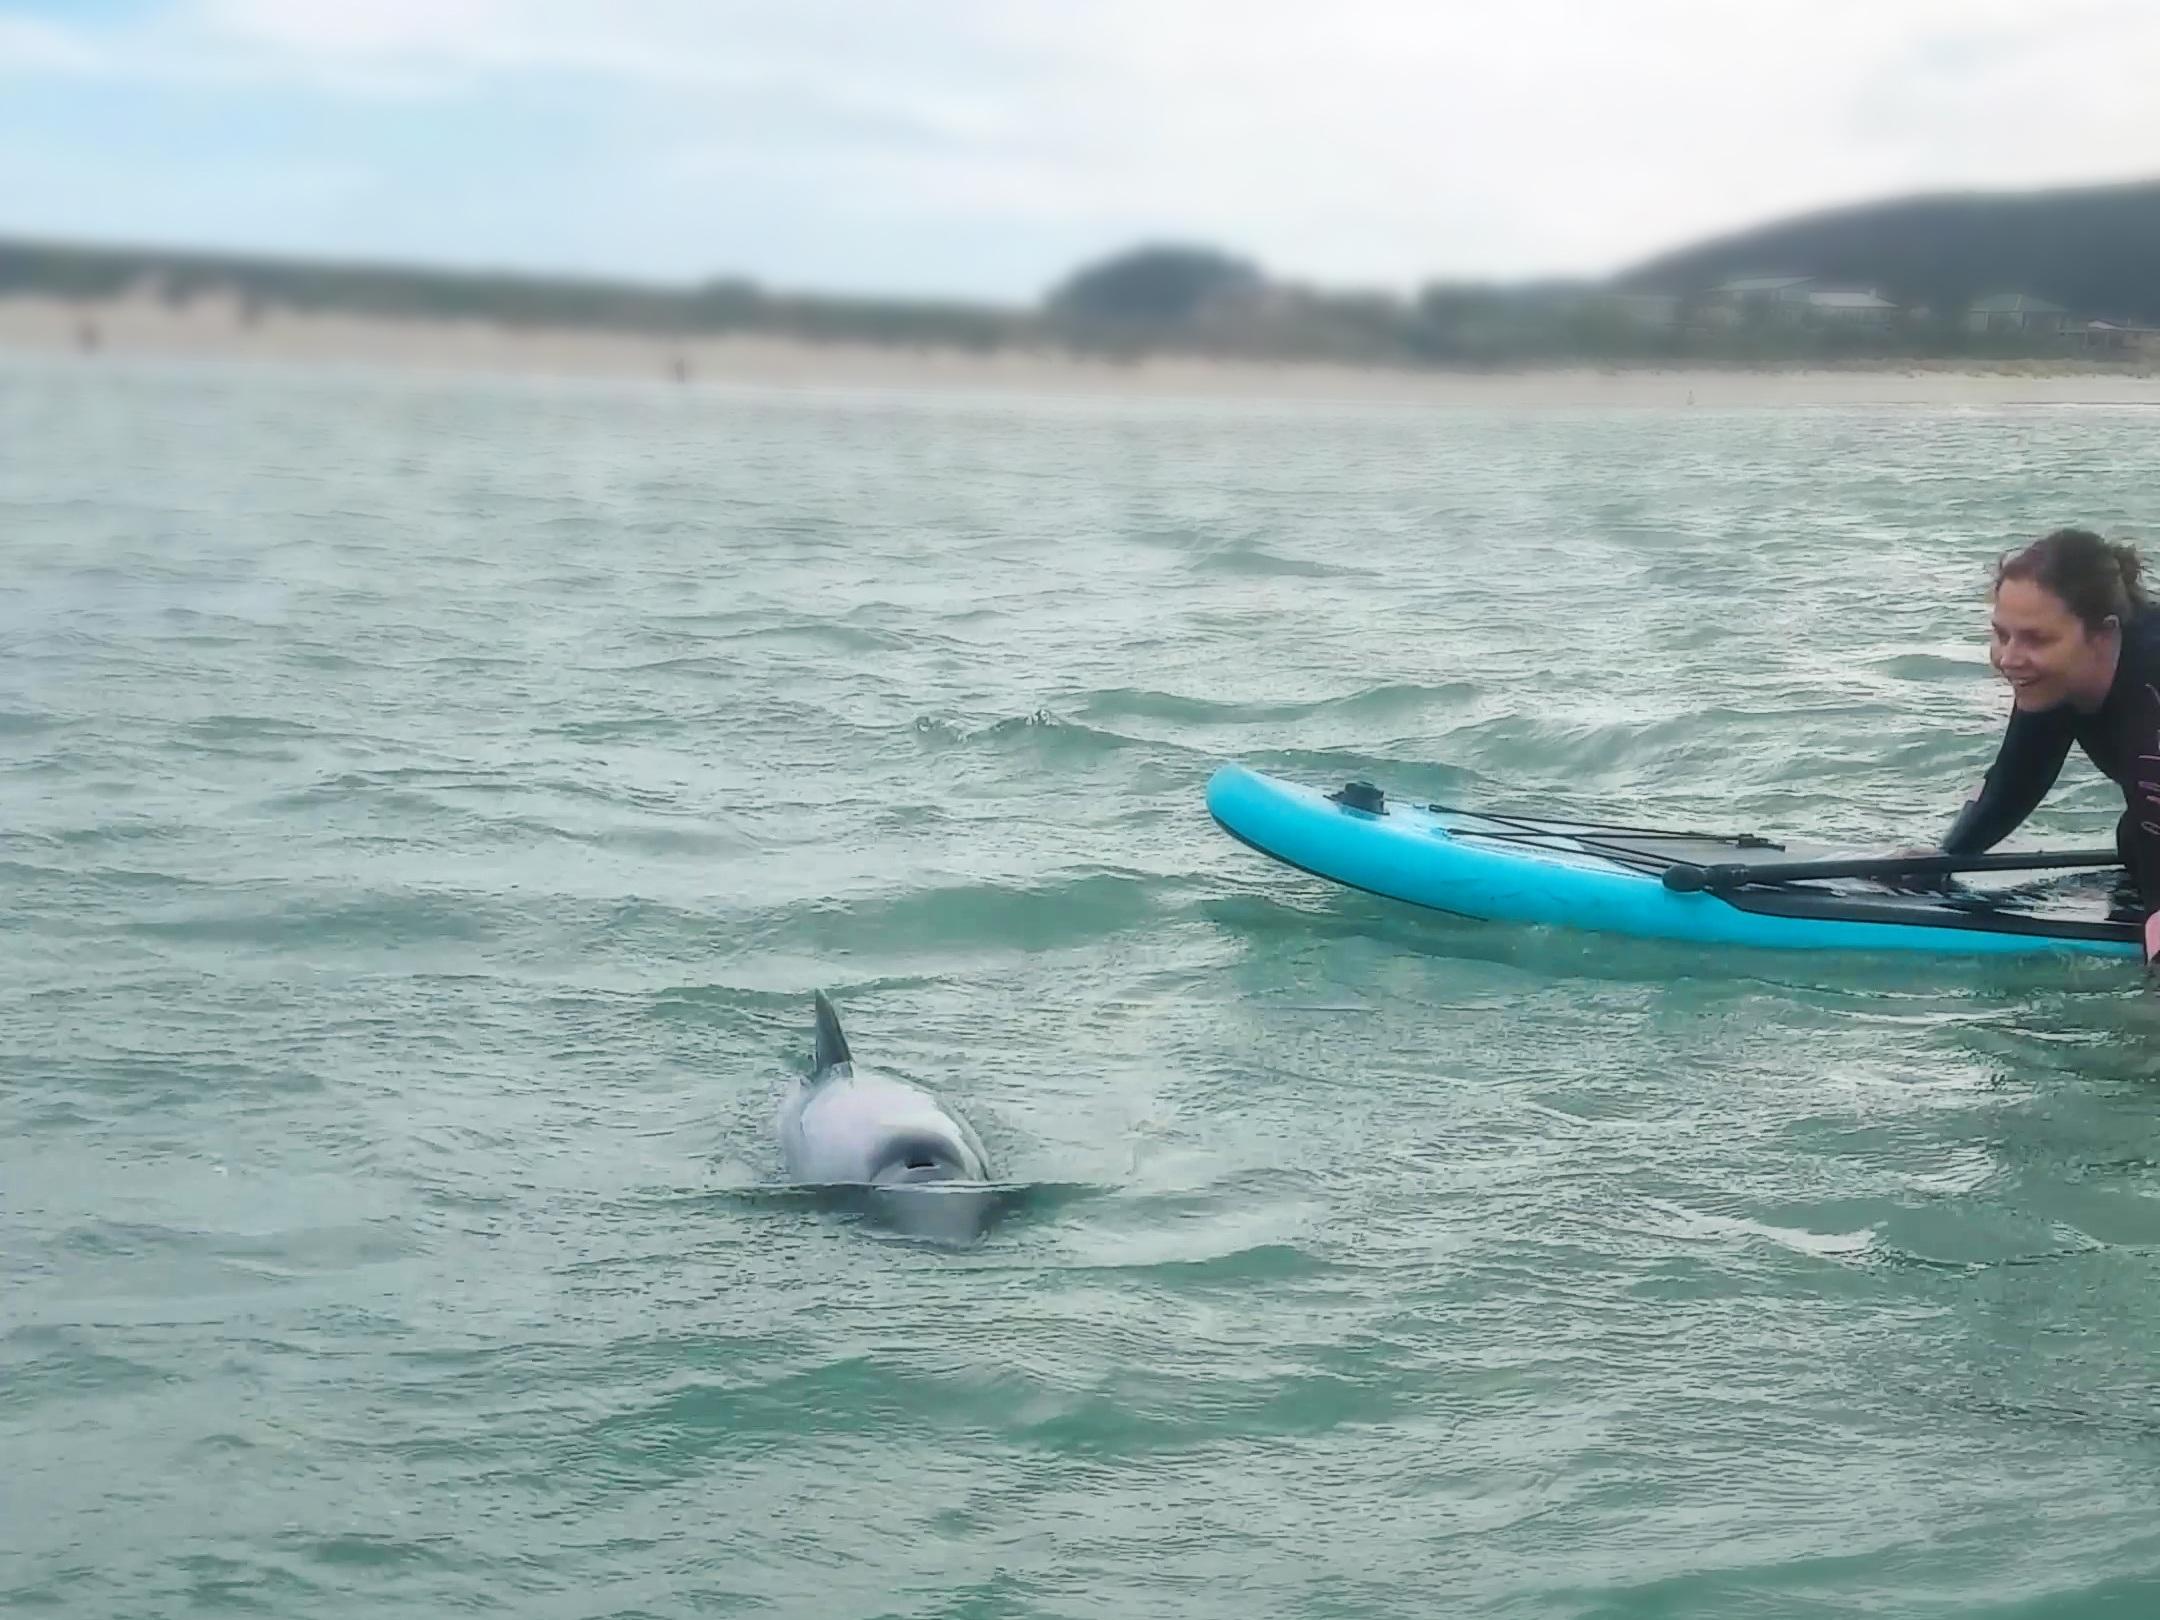 Swim with Doplhins Curio Bay New Zealand Travel